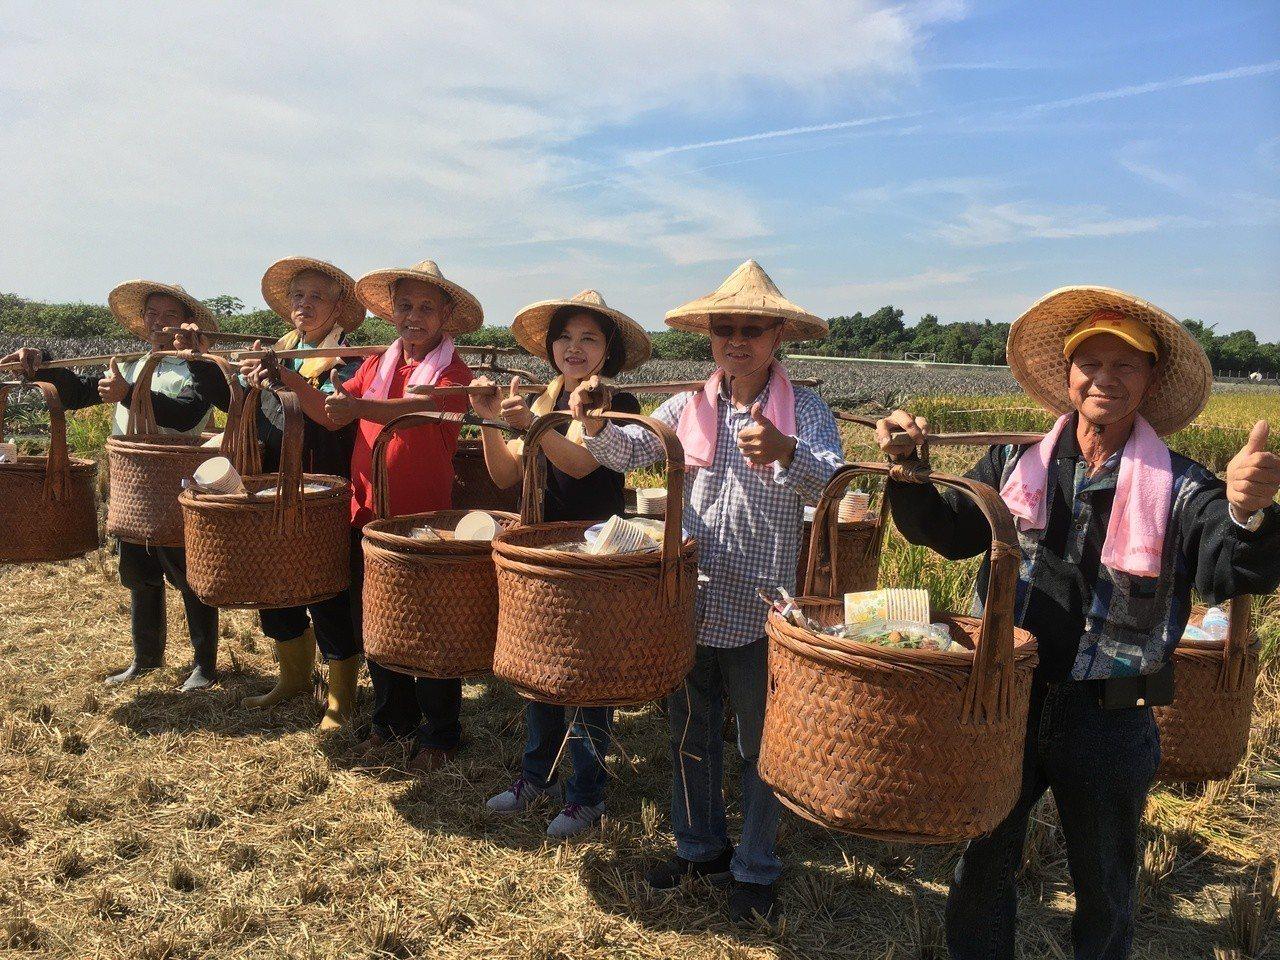 雲林縣第二期稻作已陸續收割,林內鄉農會今天舉辦割稻競賽及品嘗割稻飯體驗活動,雲林...